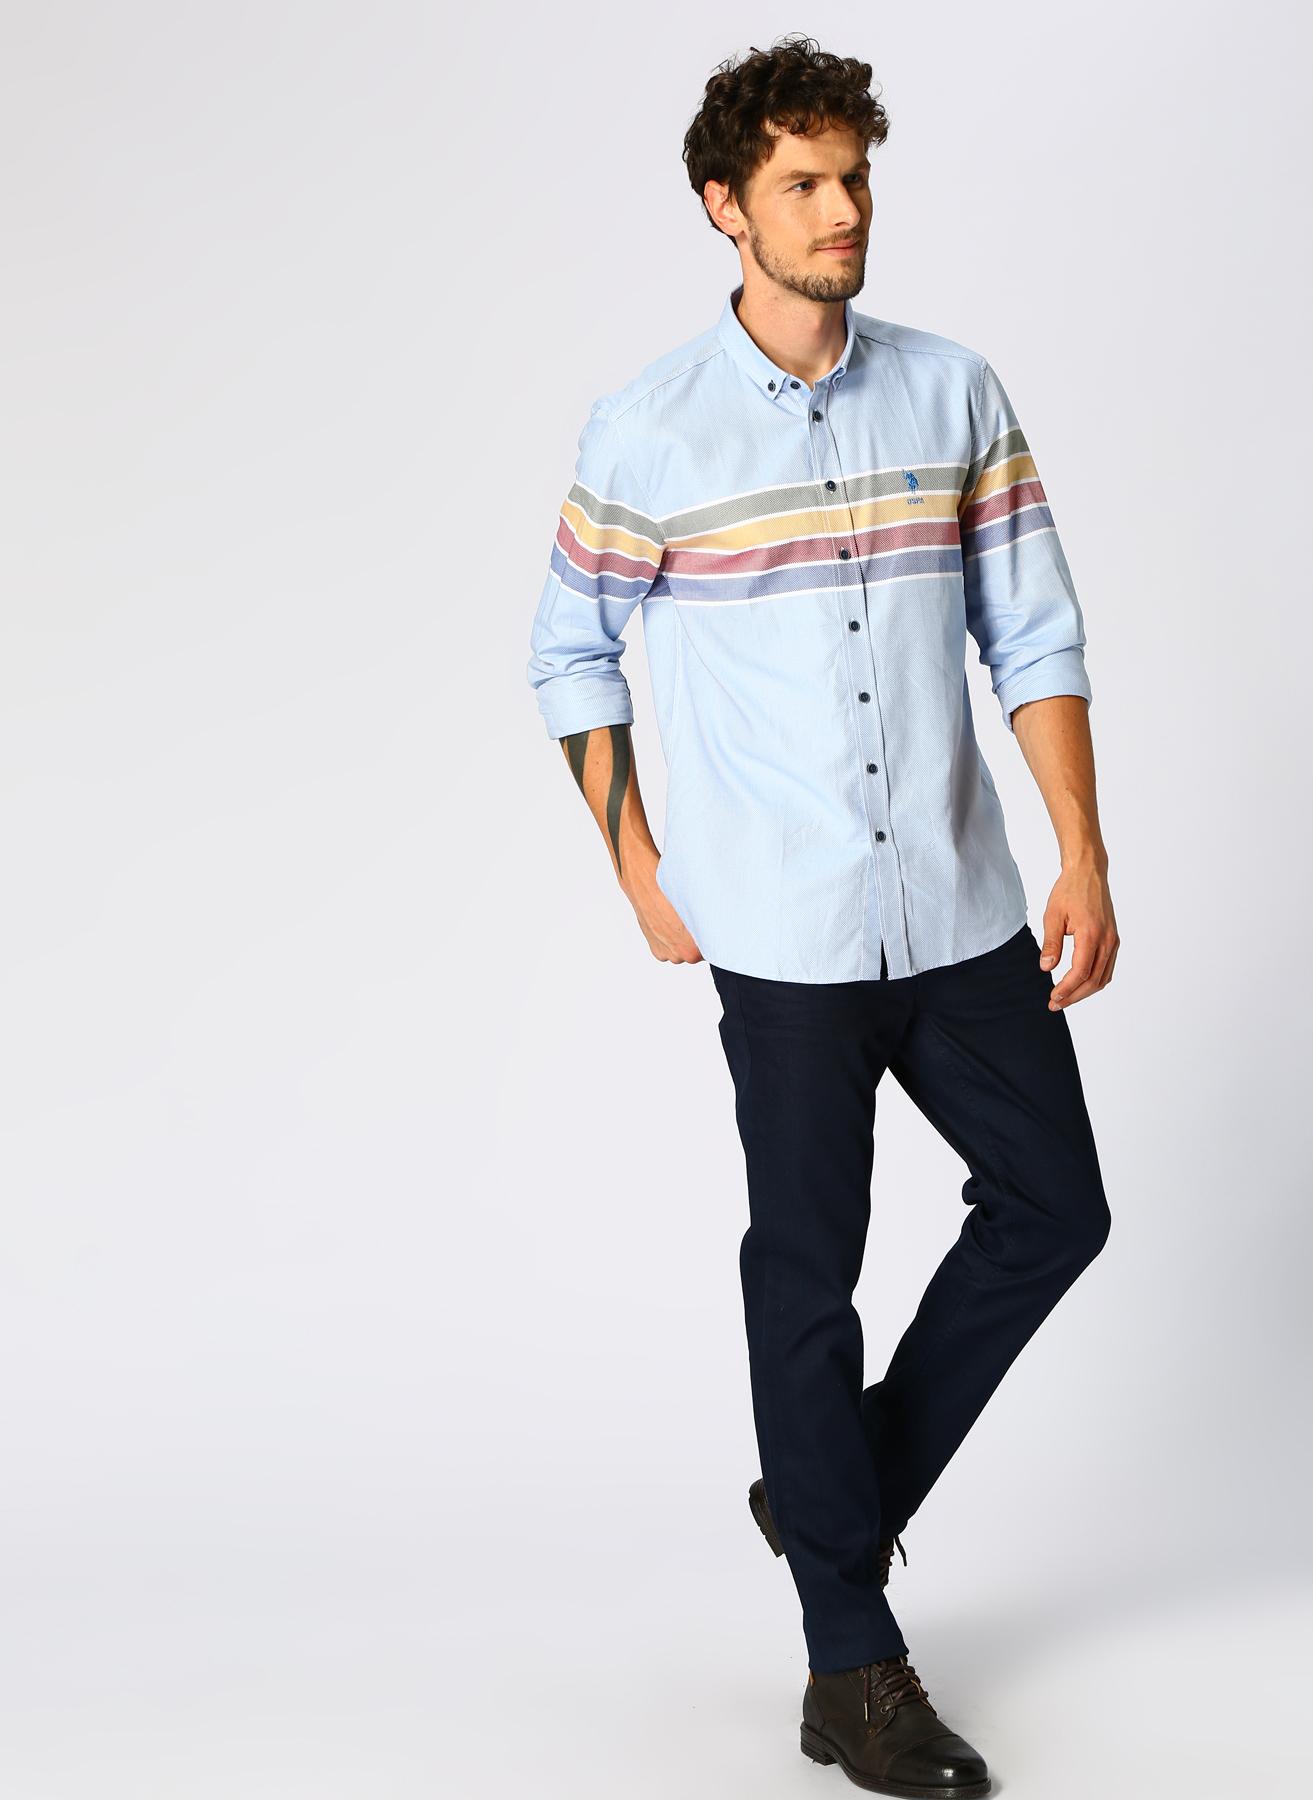 U.S. Polo Assn. Koyu Lacivert Denim Pantolon 31-32 5001704810009 Ürün Resmi